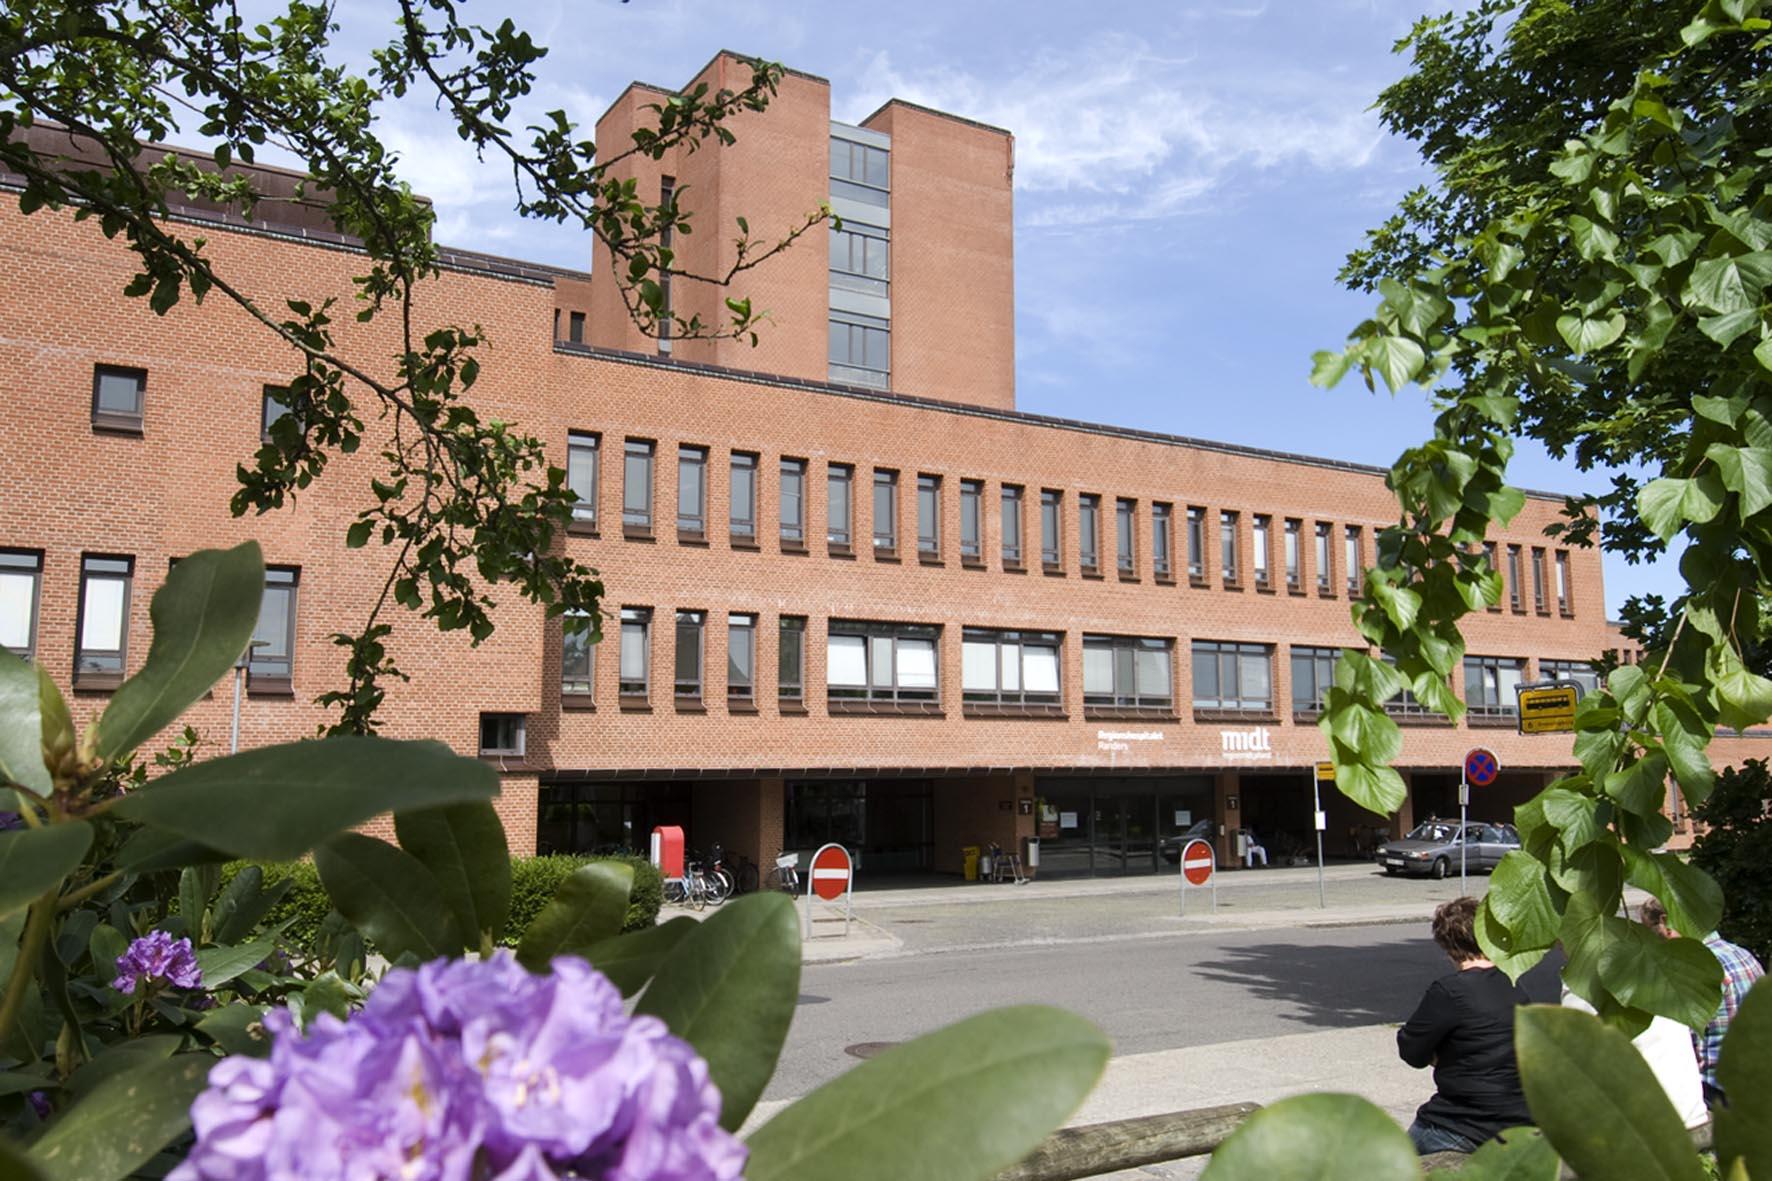 REGIONSHOSPITALET RANDERS 750 m2   2017-2018   Ca. 20 mio. kr. Rådgiver: Aarhus Arkitekterne